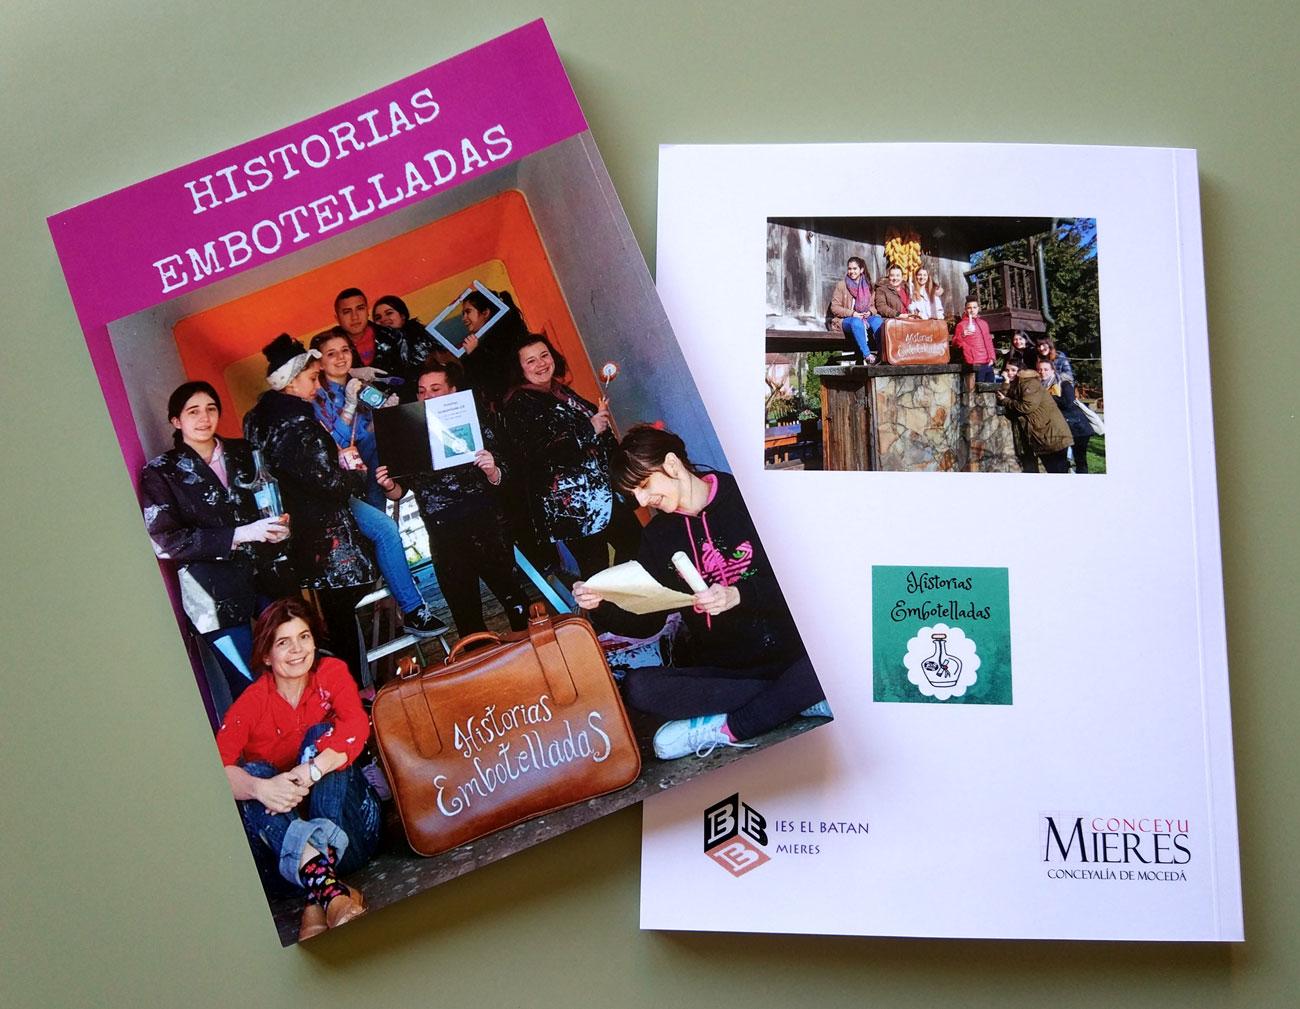 Ejemplar del libro del proyecto Historias Embotelladas 2.0.